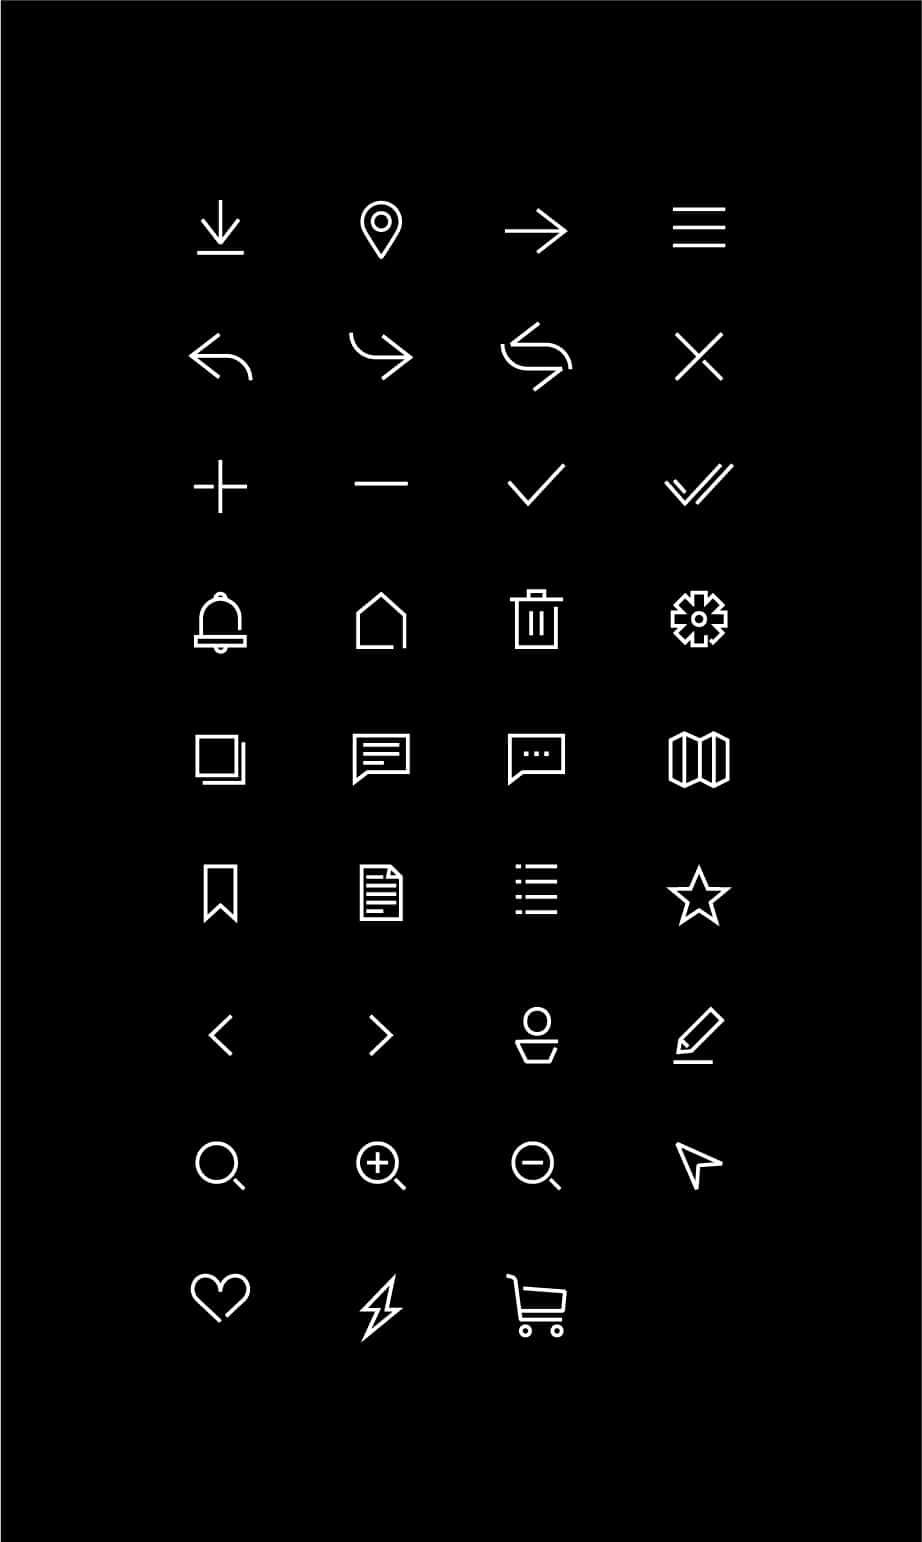 Stelvio Grotesk Icons - digital